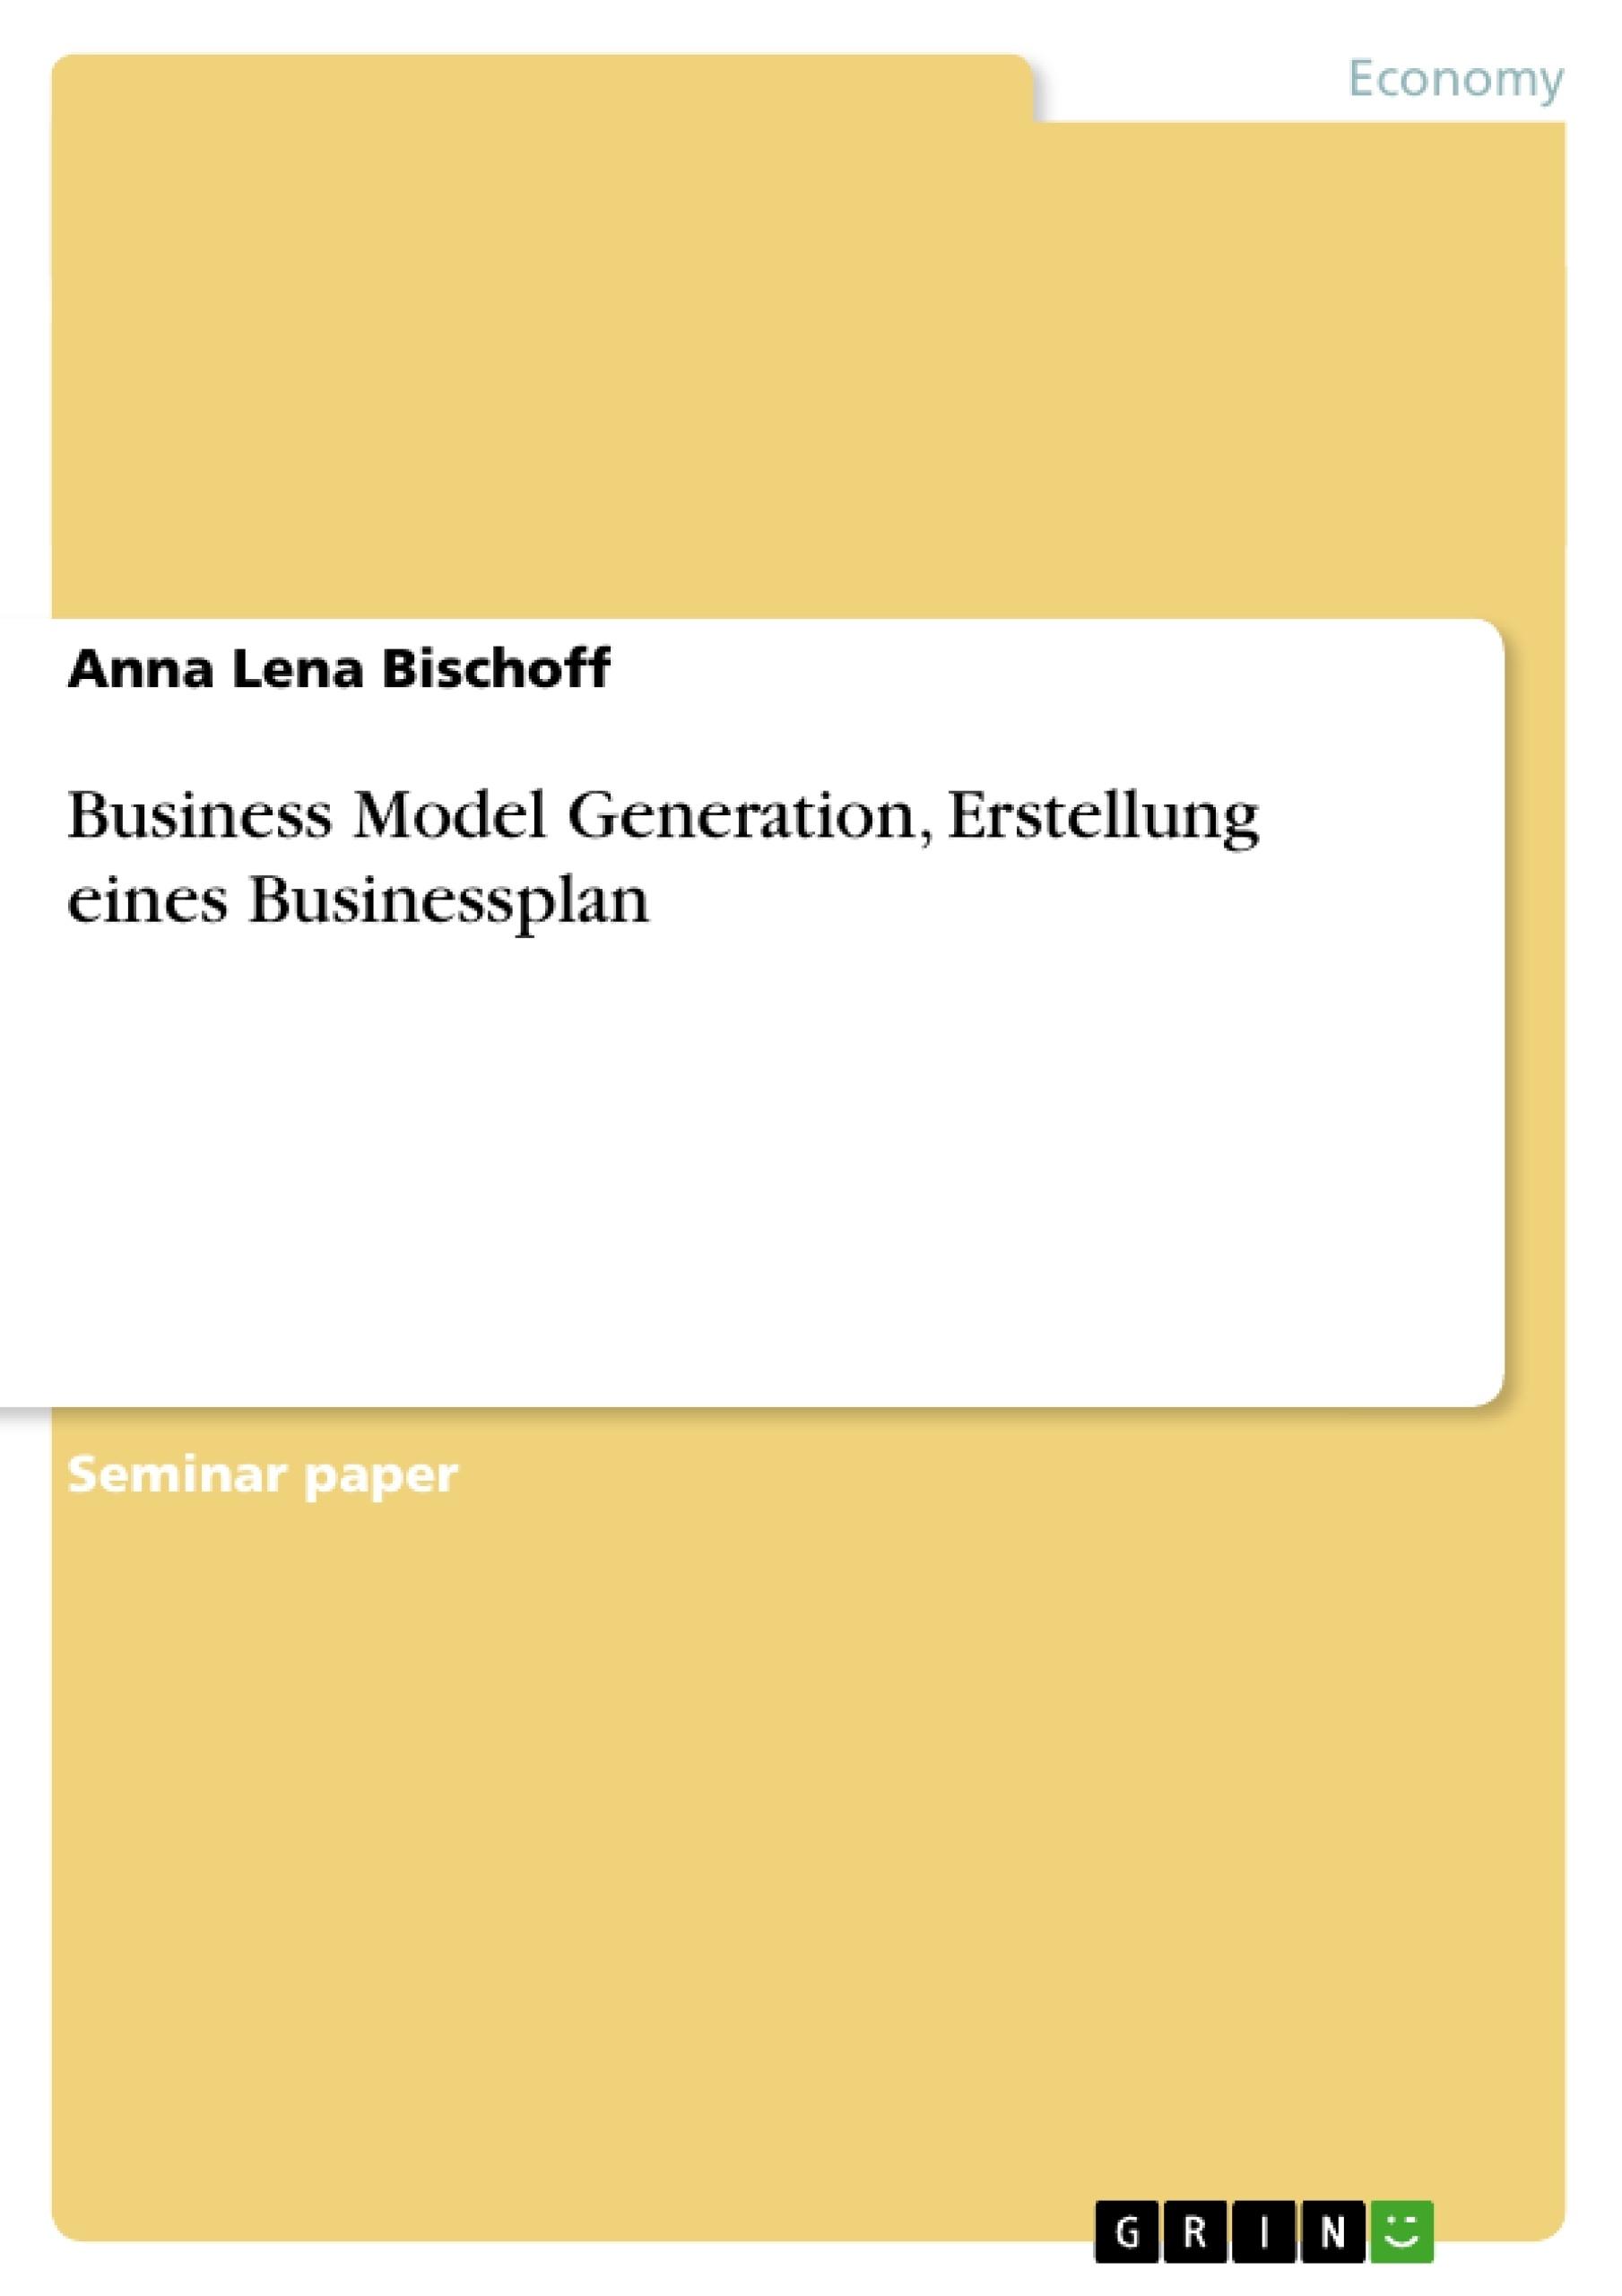 Title: Business Model Generation, Erstellung eines Businessplan